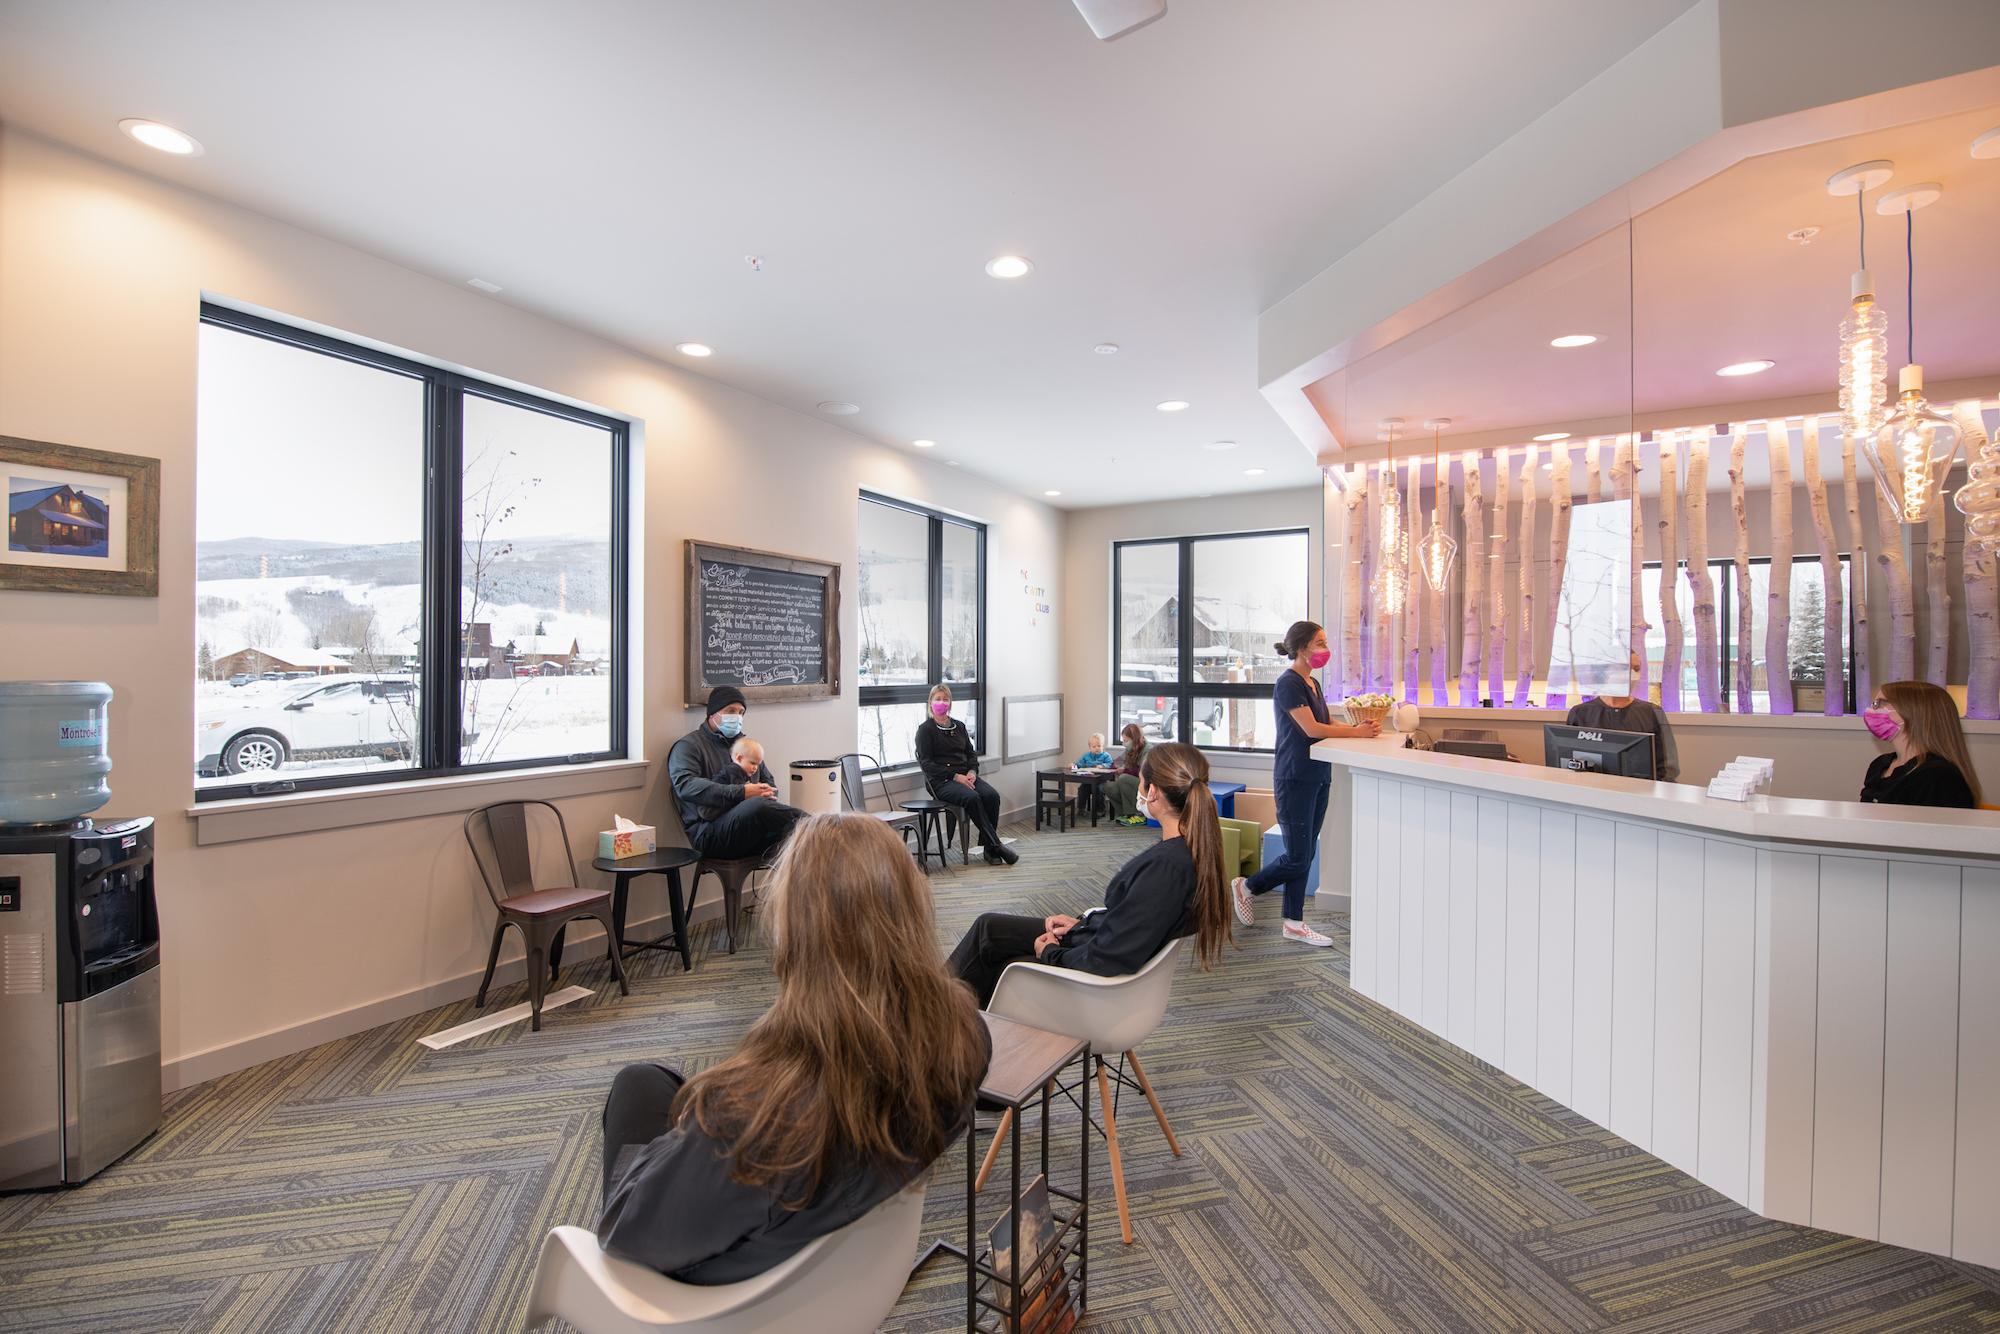 Crested-Butte-Somrak-Concept-Structure-Design-Build-Home-Builder-3